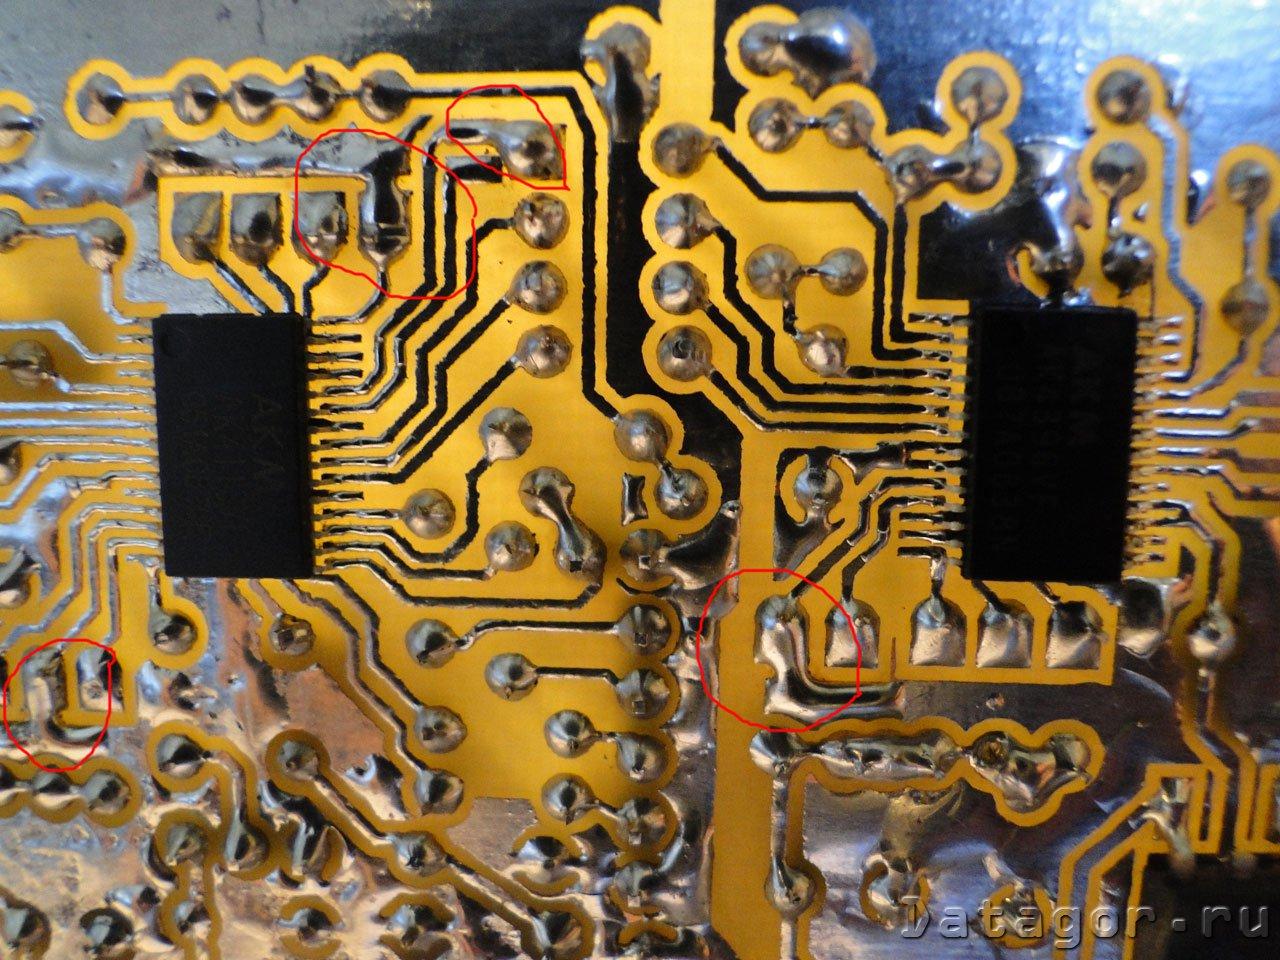 www схема кодового замка на спечатной платой